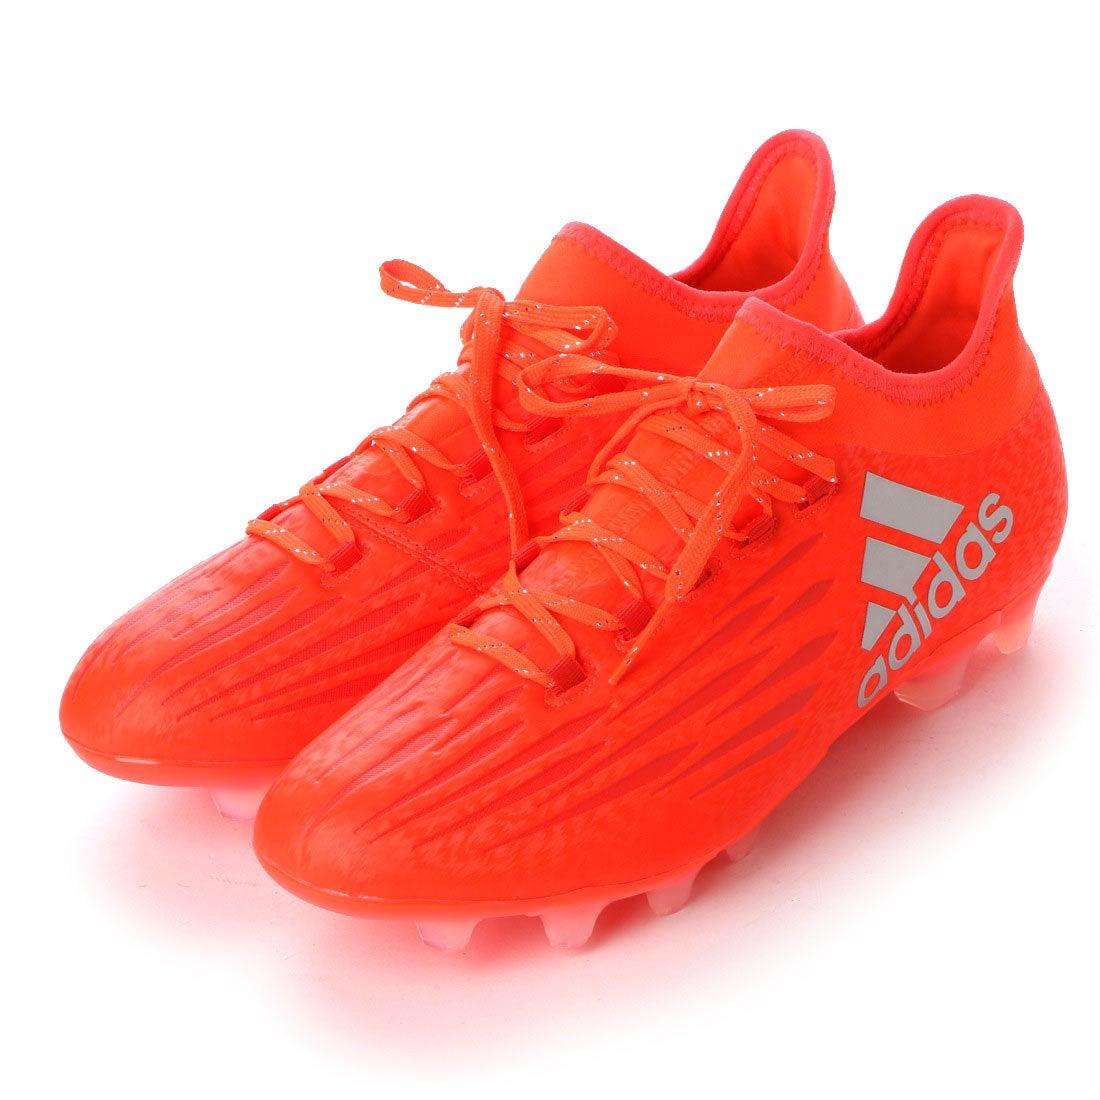 【SALE 42%OFF】アディダス adidas サッカースパイク エックス 16.2 ジャパン HG S79546 3261